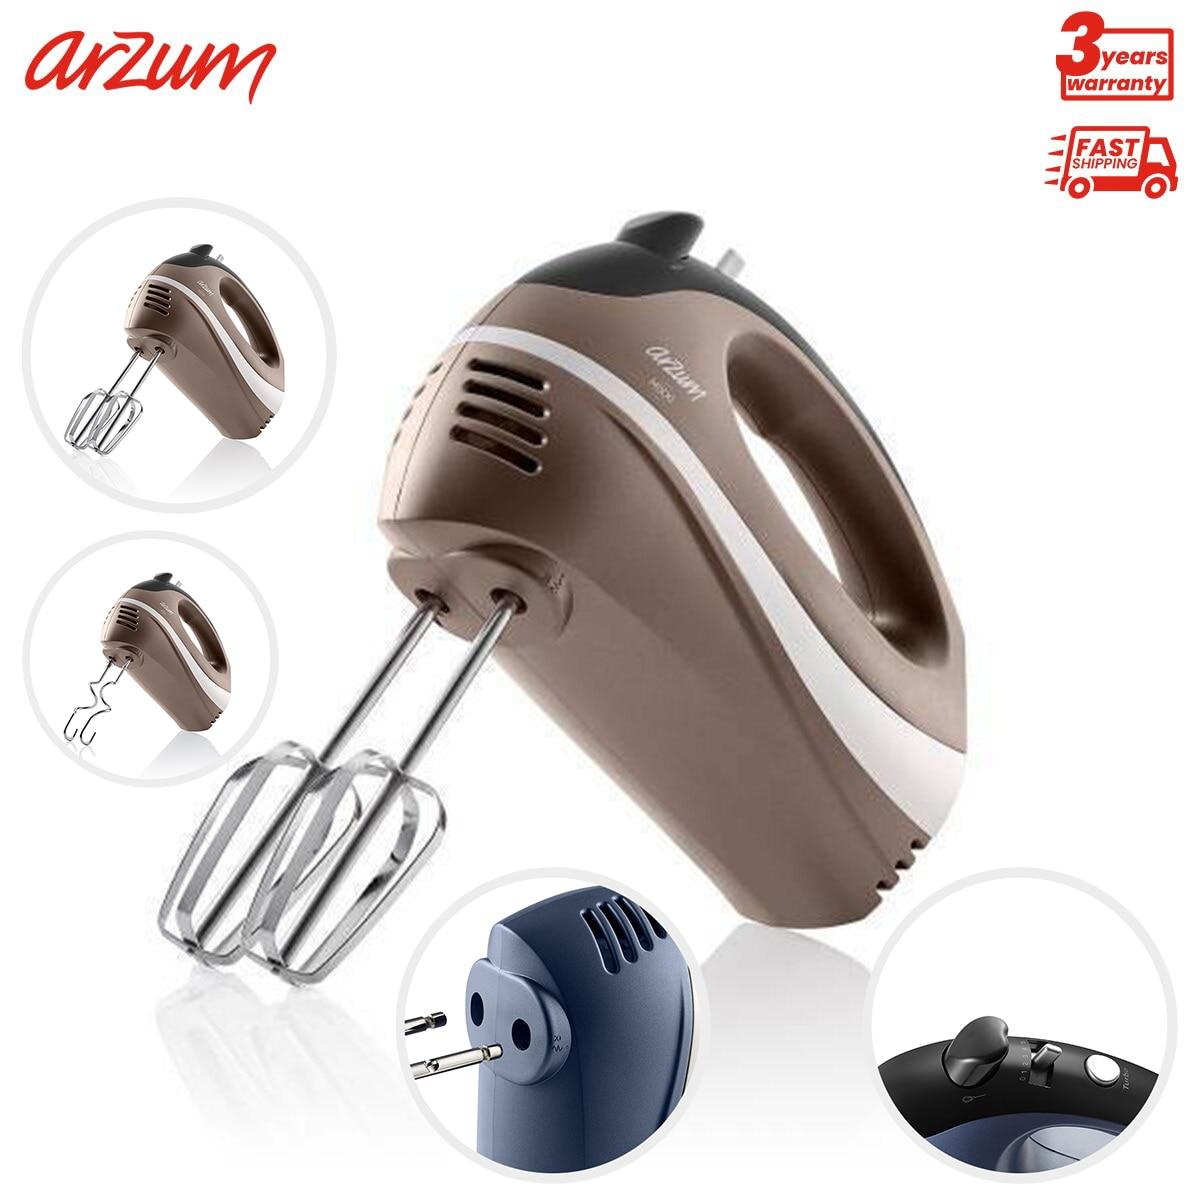 Arzum Mixxi خلاط لون الأرض خفقت العجين العجن جهاز أجهزة مطبخ كهربائي توربو سرعة قابل للتعديل سهلة الاستخدام التلقائي